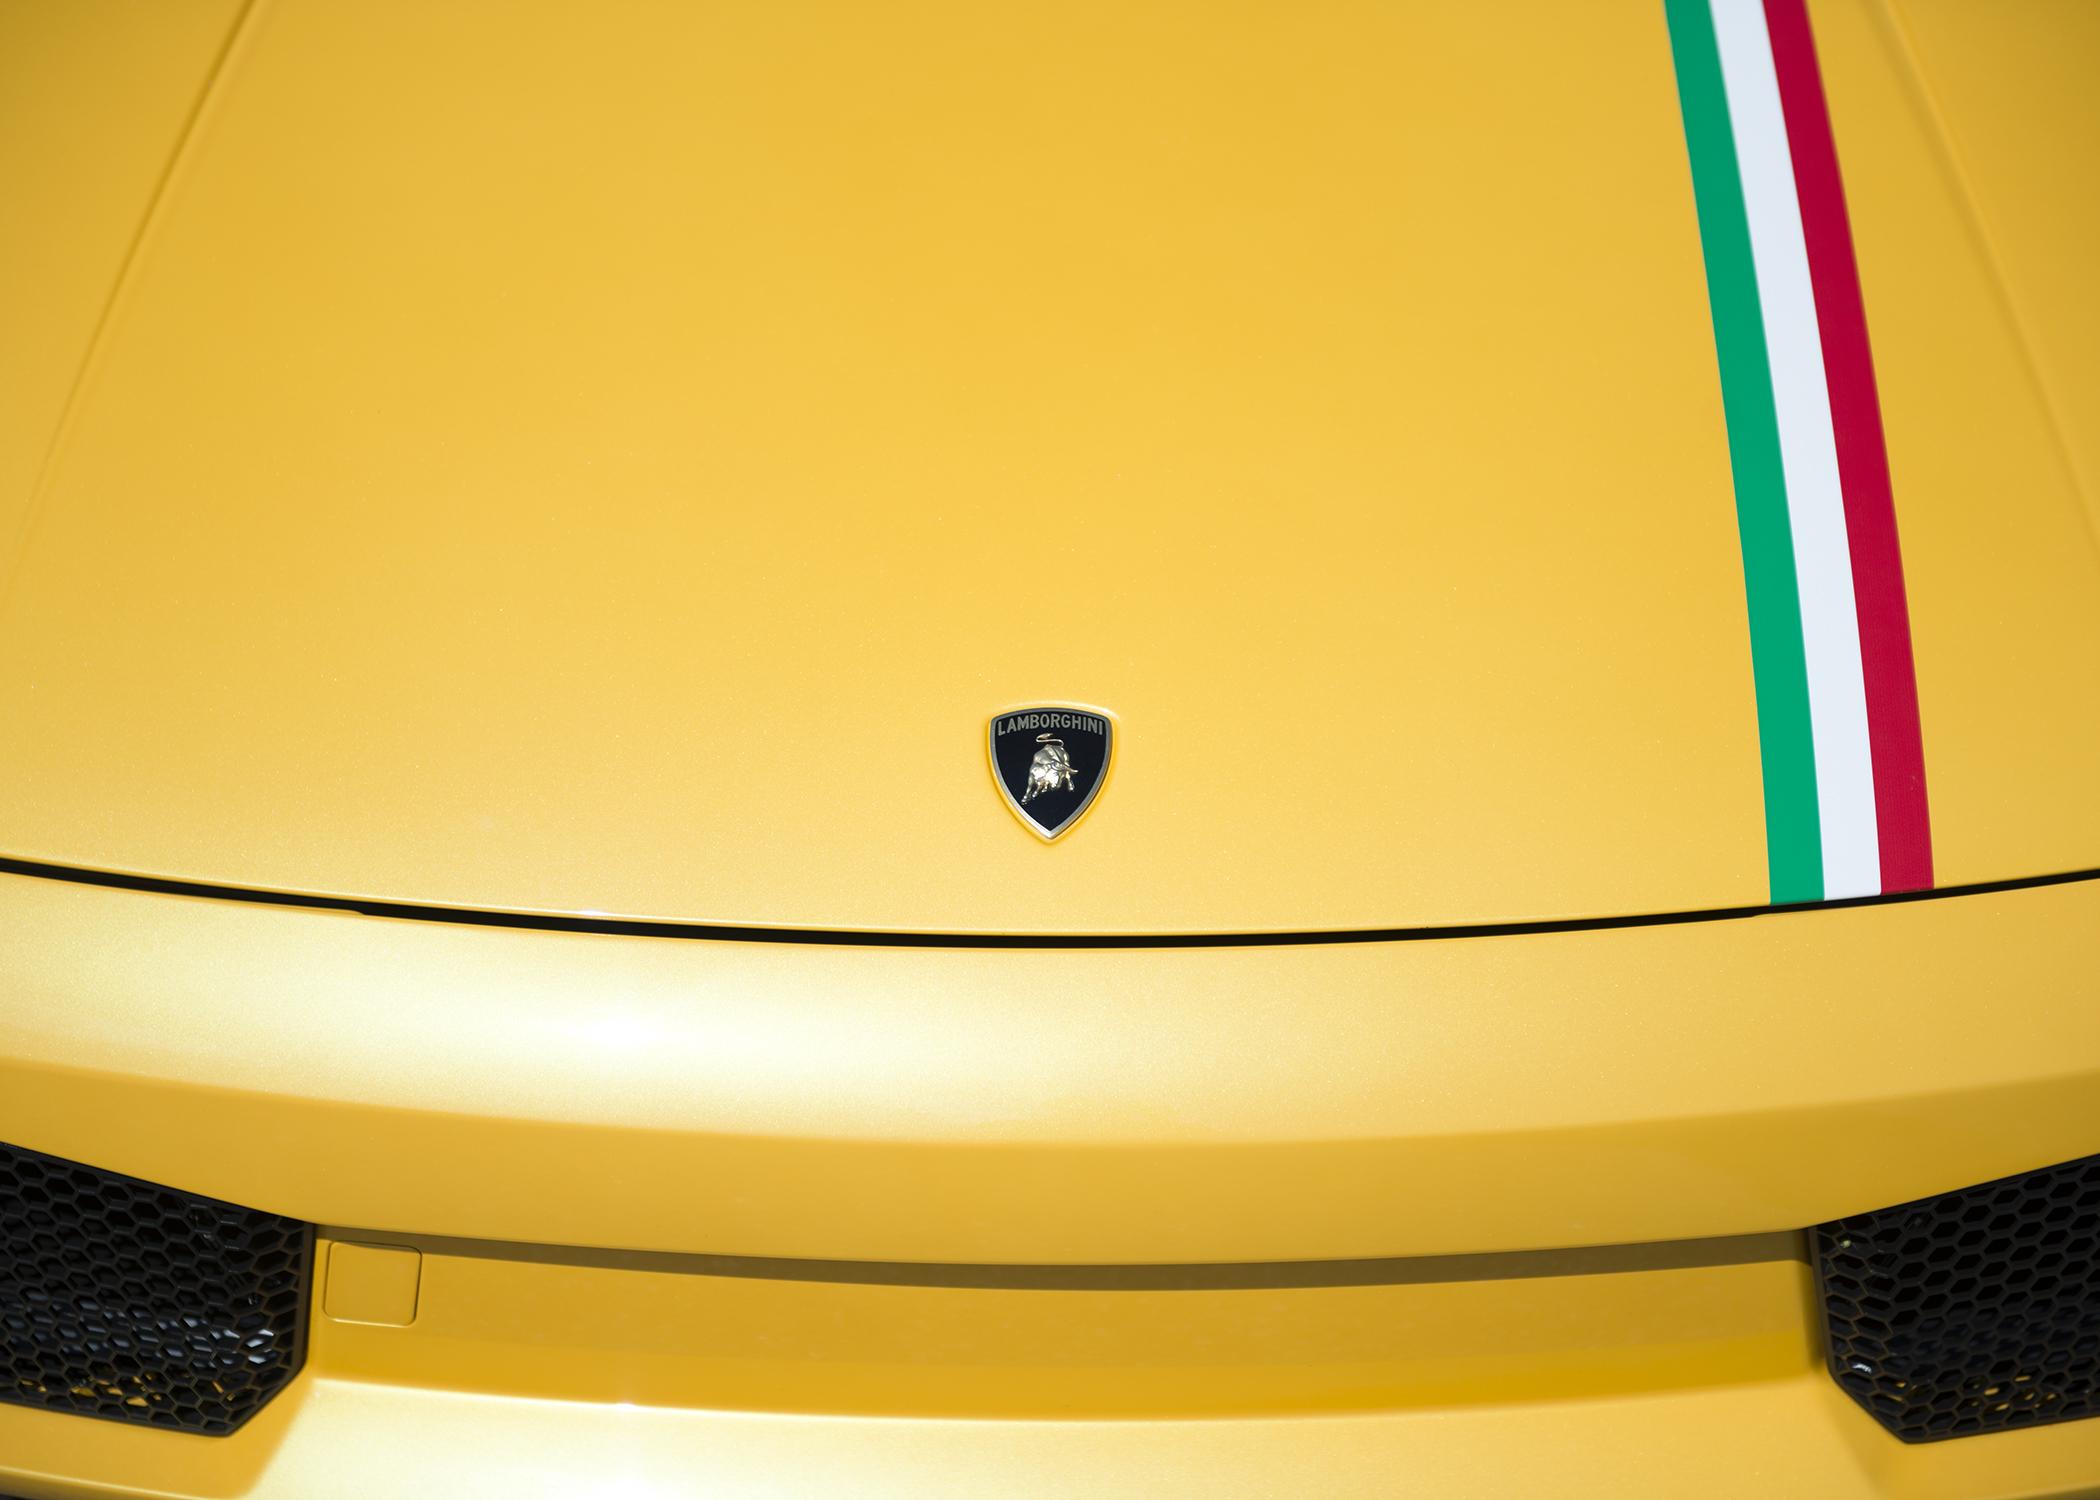 Lamborghini Gallardo Tricolore.